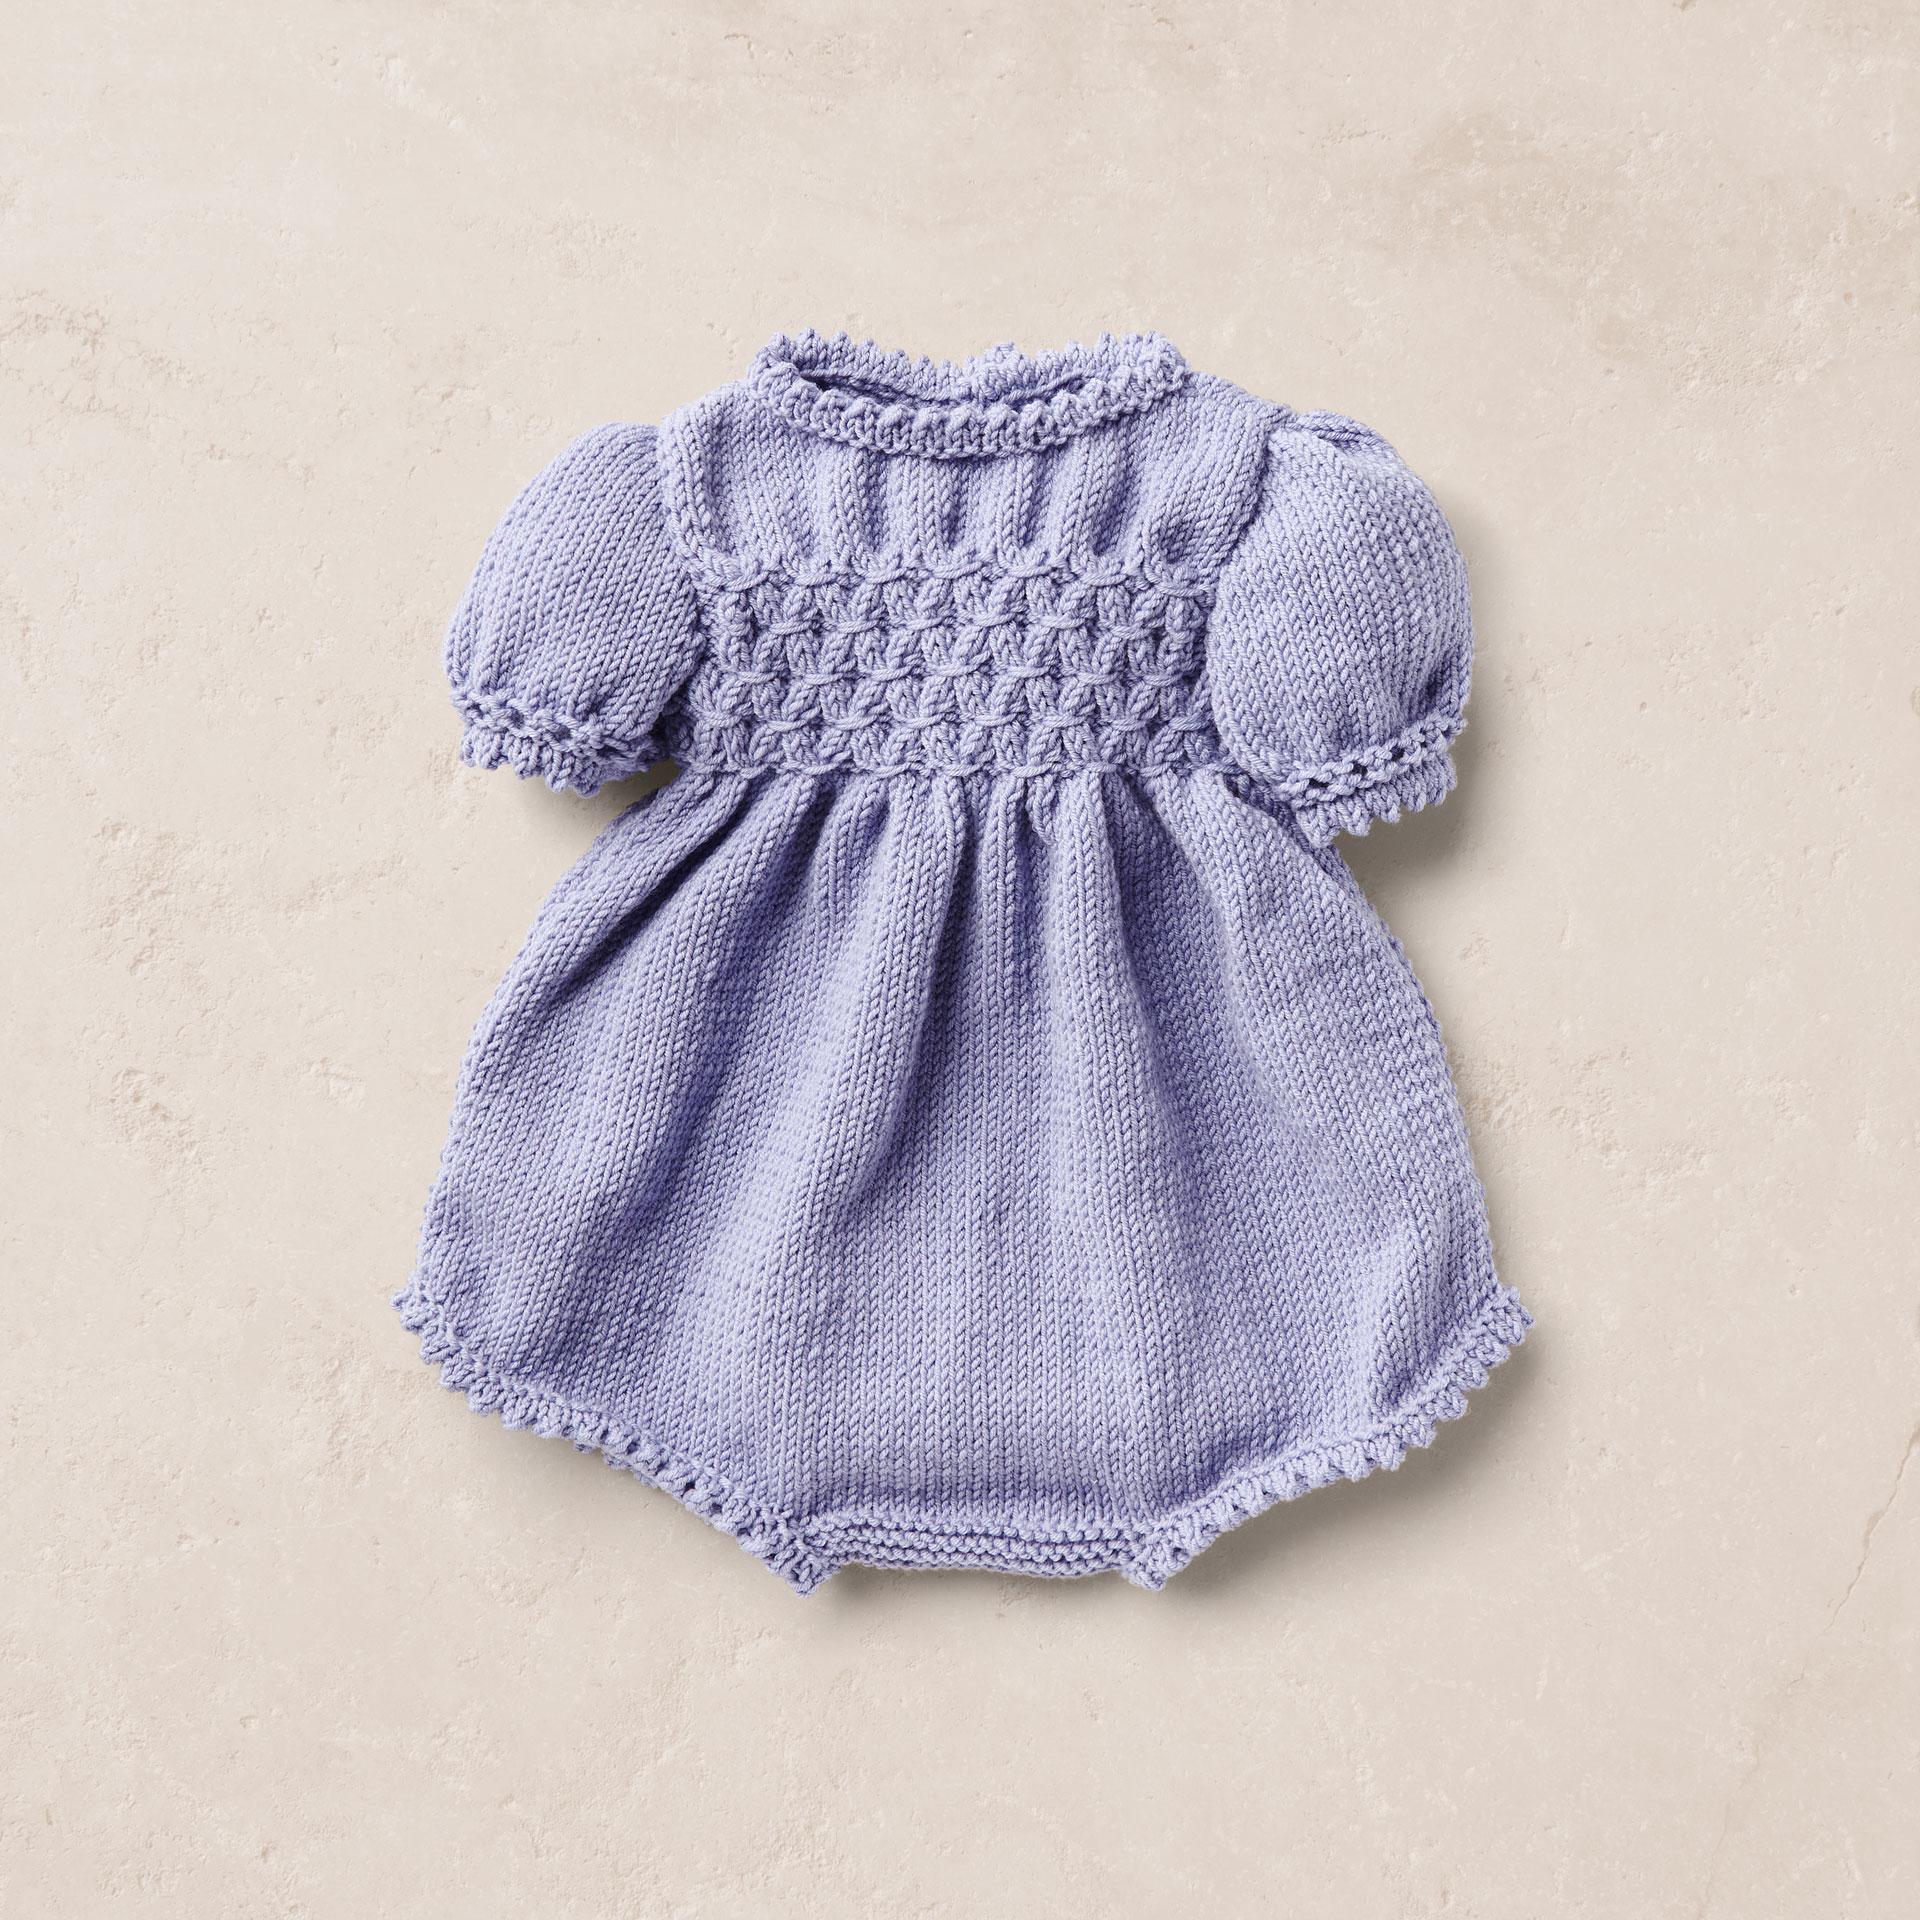 Van Beren Babystrickstrampler EERO, Merinowolle